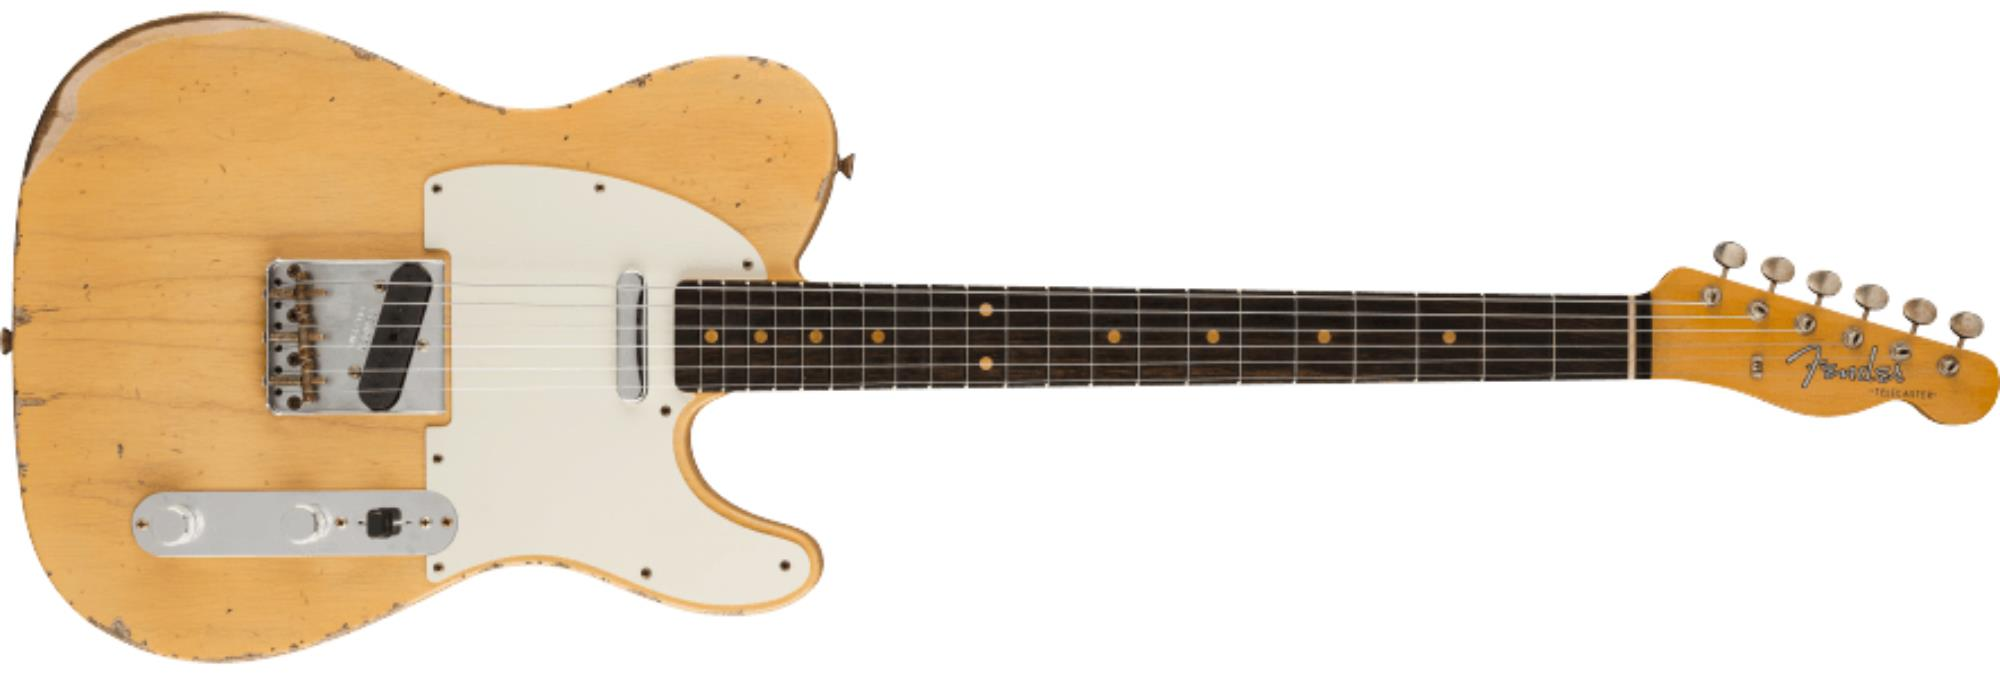 FENDER-1960-Telecaster-Relic-Rosewood-Fingerboard-Natural-Blonde-sku-571005326